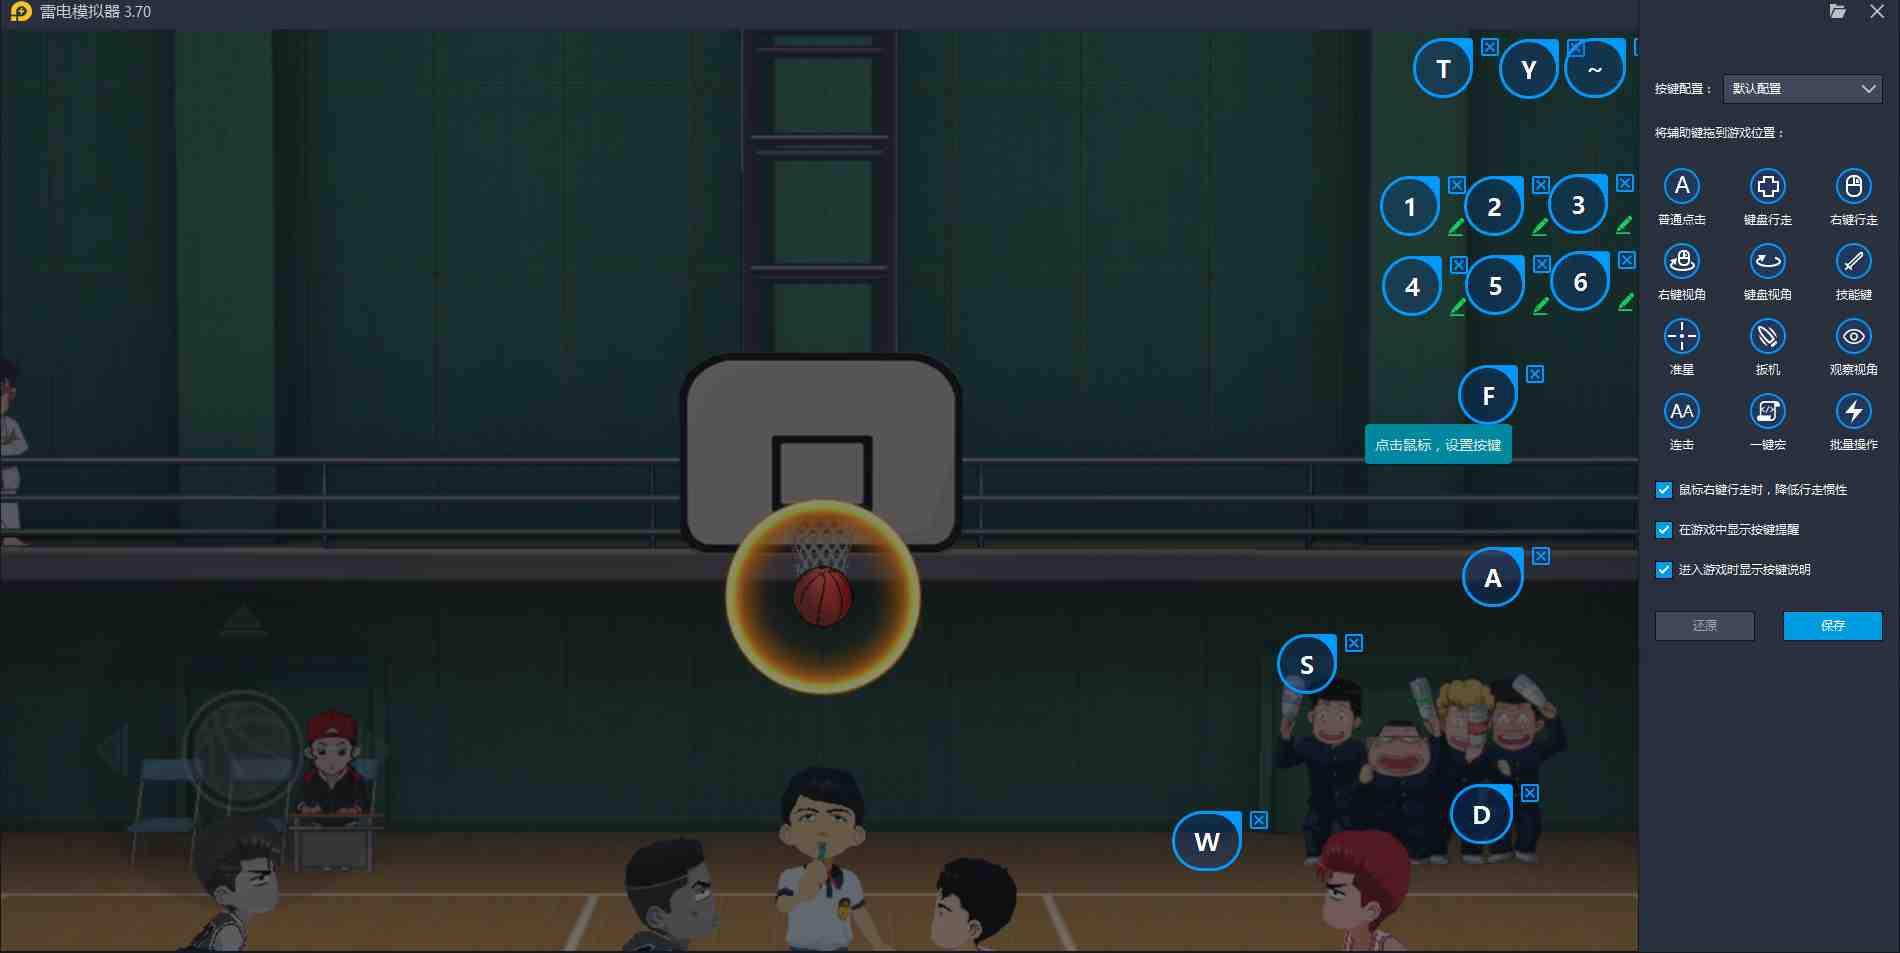 【灌籃高手】電腦版怎么玩—安卓模擬器使用教程